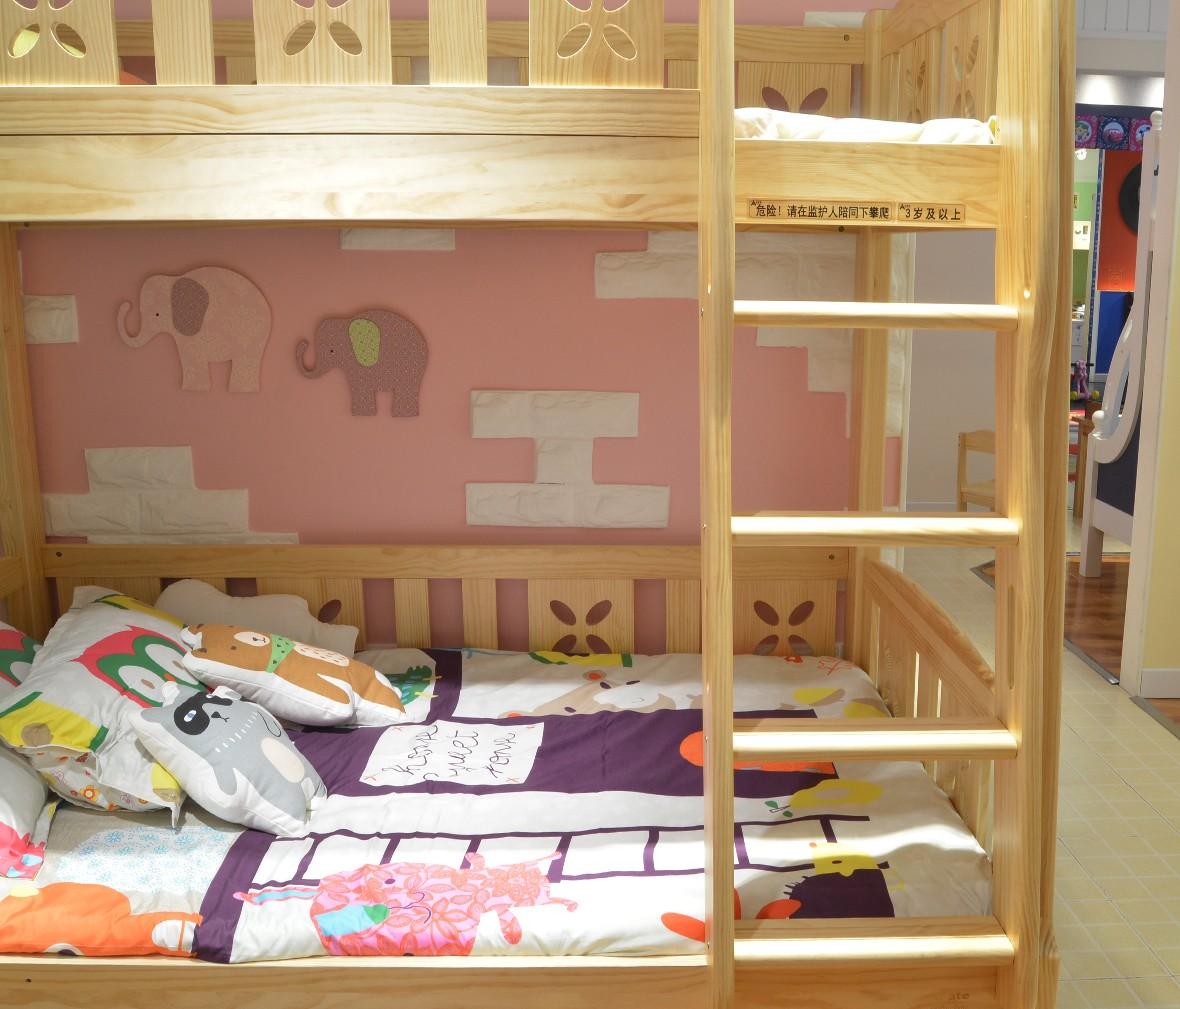 弋玛特儿童家具 C010-51A型号上下床 进口智利松材质儿童床 商品细节